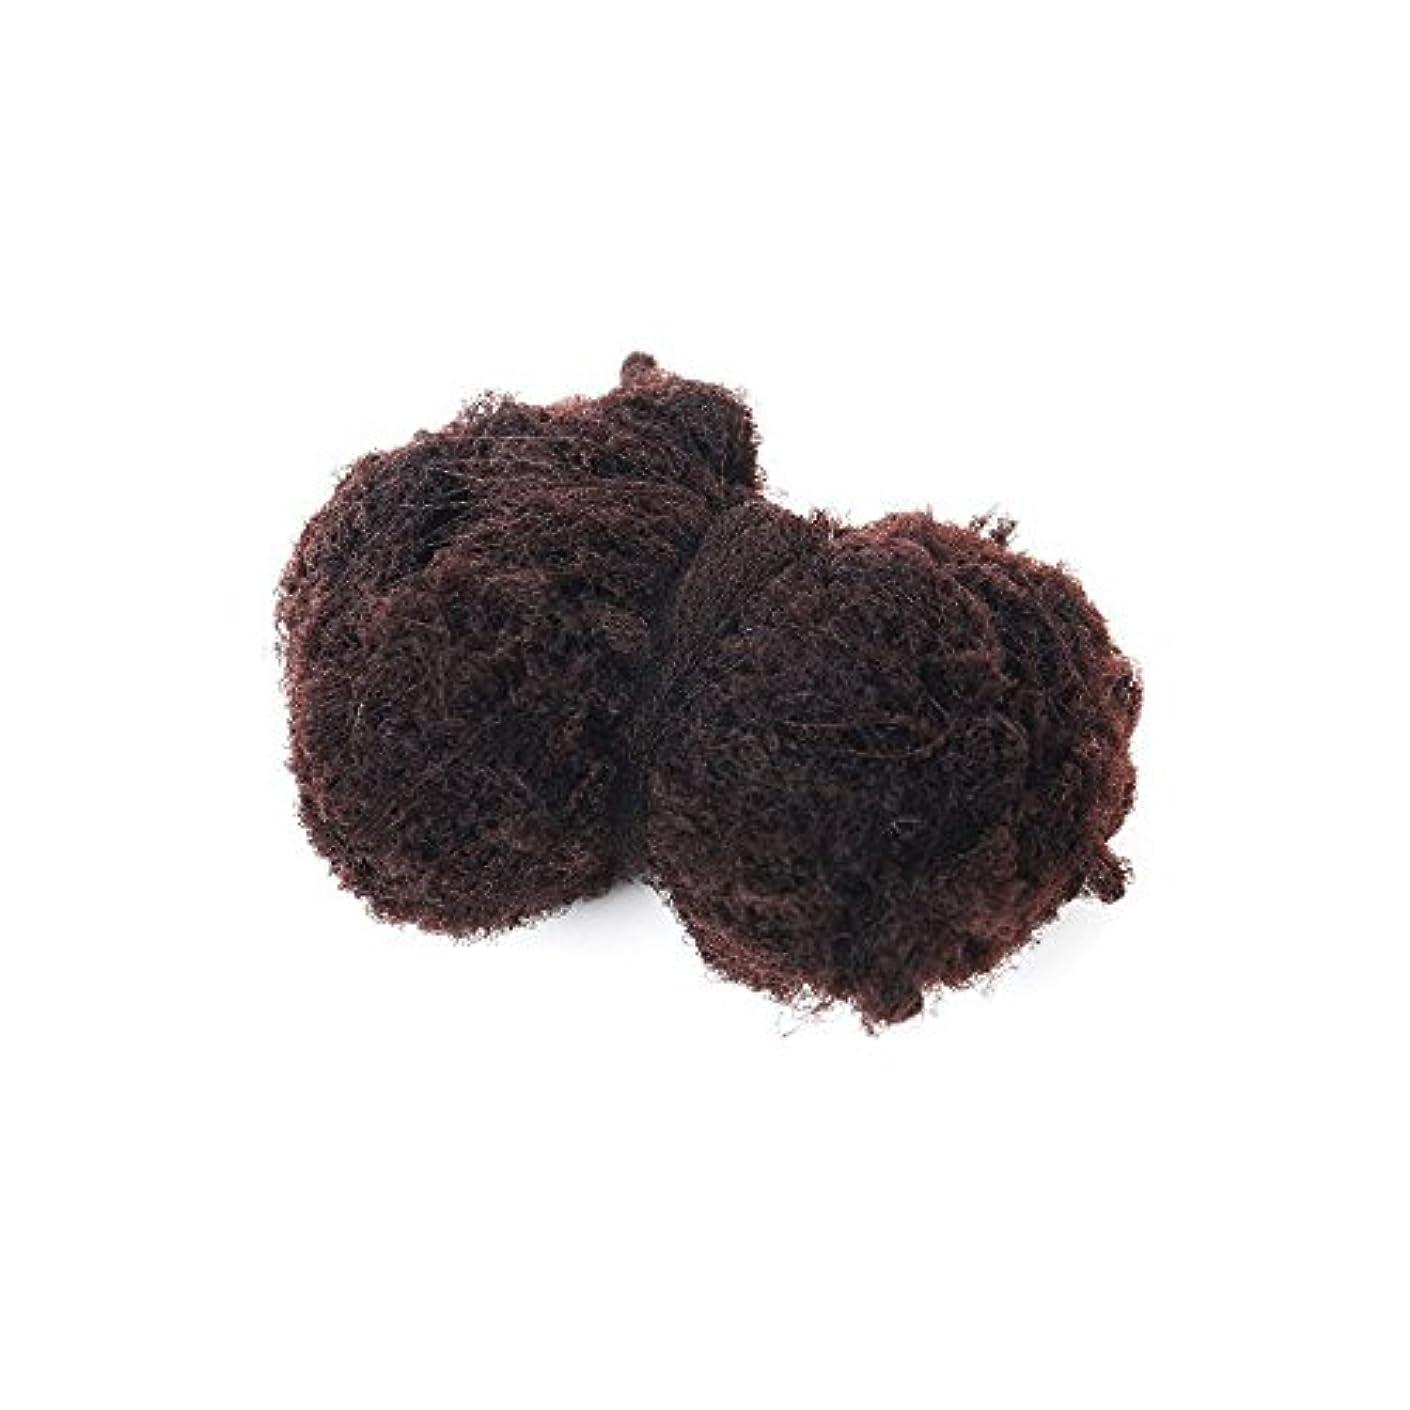 ドメインとは異なり自分のために髪束ねネットセット(アシアナネット)超微細ステルスヘアネット ファッション小物 60枚セット